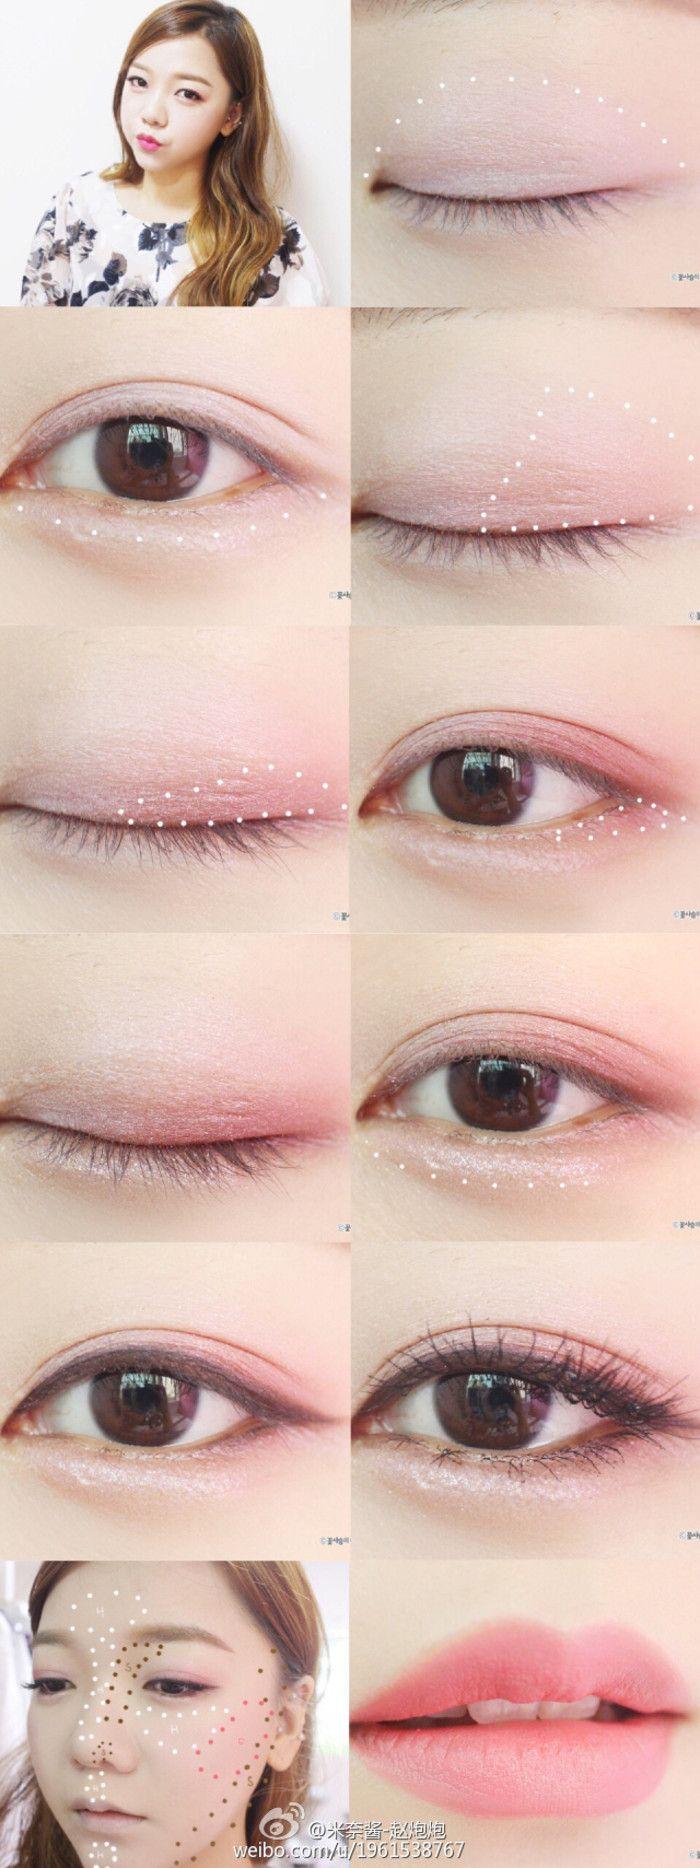 asian makeup                                                                                                                                                                                 More